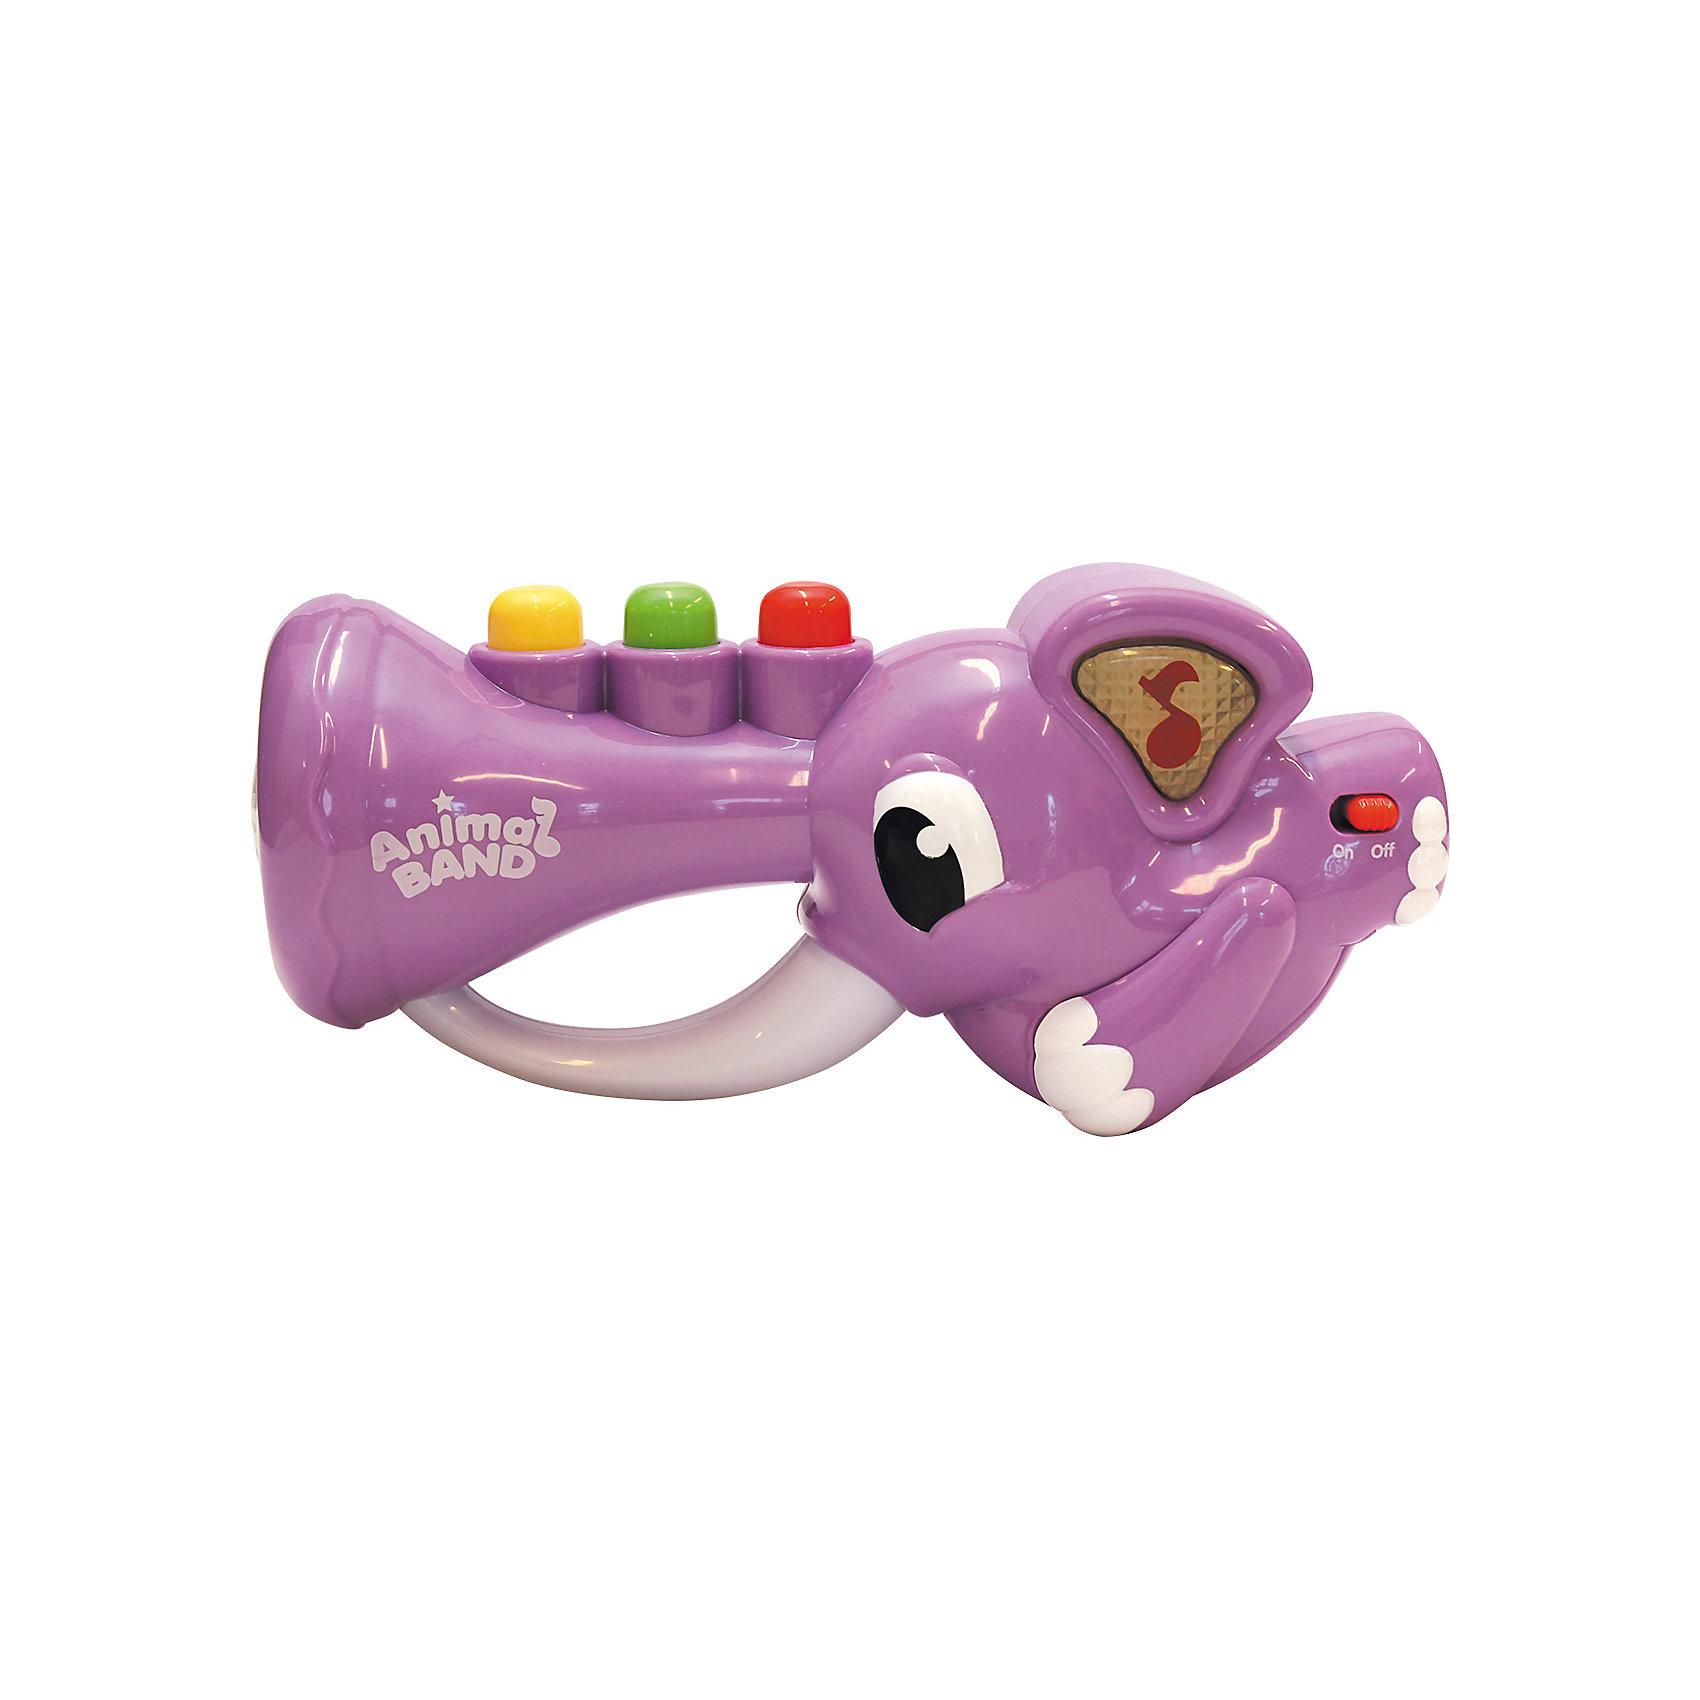 Слоник-трубач, KeenwayДетские музыкальные инструменты<br>Музыкальная игрушка Слоник-трубач от  Keenway - отличный подарок ребенку. Это красочная игрушка, которая обязательно понравится малышу. Она выполнена в виде трубы-слоника. Нажимая на кнопки на хоботе слоника, ребенок услышит веселую песенку или забавные звуки. Причем звуки могут играть одновременно, создавая оркестр.<br>Игрушка по габаритам идеально подходит для маленьких ручек малыша. Весит совсем немного. Такие игрушки помогают развить мелкую моторику, логическое мышление и воображение ребенка. Эта игрушка выполнена из высококачественного прочного пластика, безопасного для детей.<br>  <br>Дополнительная информация:<br><br>цвет: разноцветный;<br>материал: пластик;<br>размер:  270 х 90 х 160 мм;<br>батарейки: 3ХхАА, в комплекте.<br><br>Игрушку Слоник-трубач от компании Keenway можно купить в нашем магазине.<br><br>Ширина мм: 280<br>Глубина мм: 140<br>Высота мм: 190<br>Вес г: 765<br>Возраст от месяцев: 36<br>Возраст до месяцев: 120<br>Пол: Унисекс<br>Возраст: Детский<br>SKU: 4810983